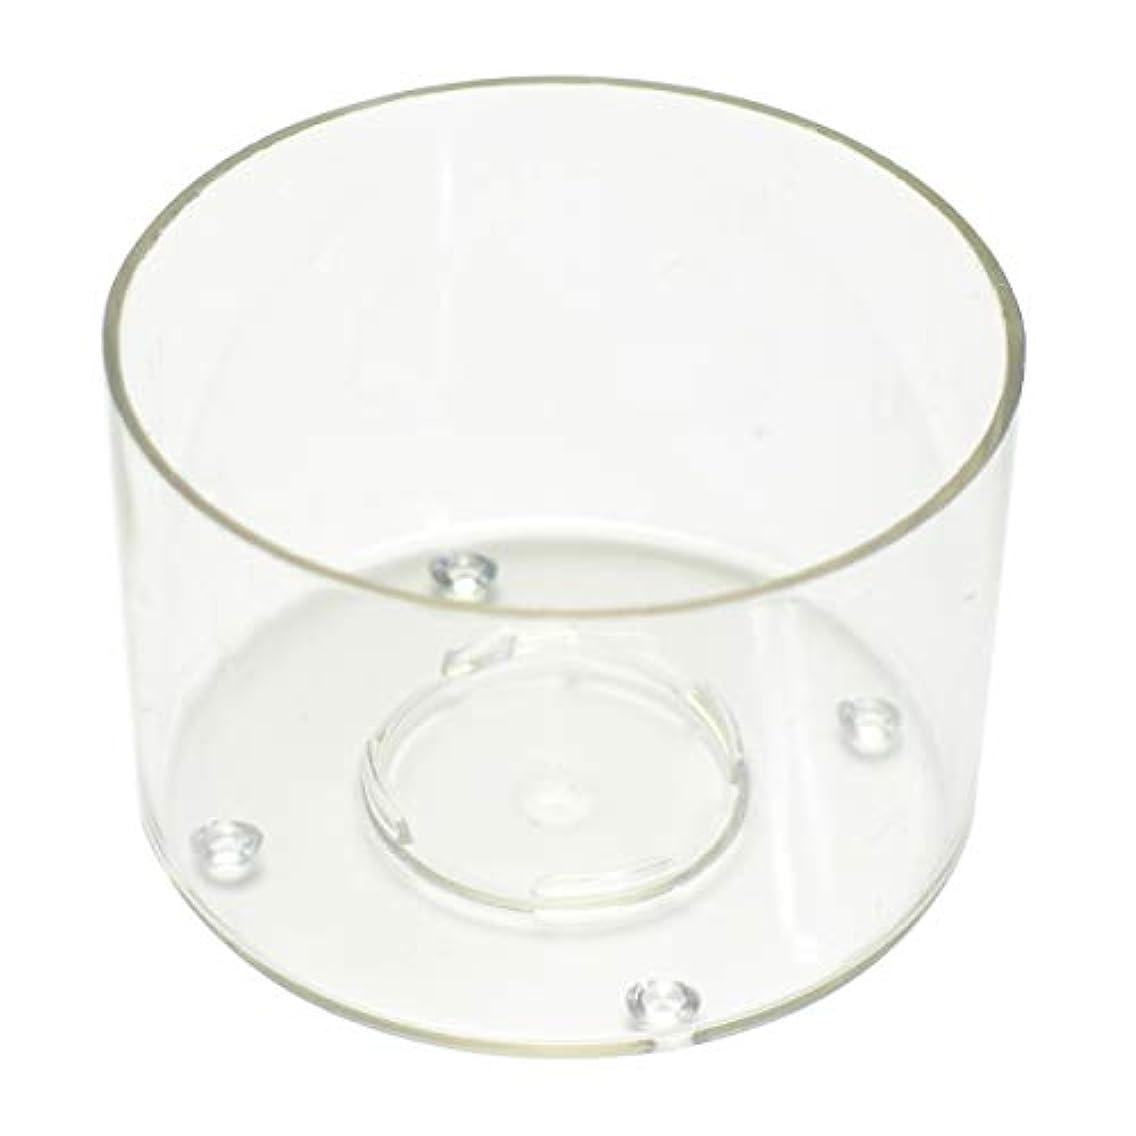 ティーライトキャンドル用 クリアカップ 直径40mm×高さ26mm 20個入り 材料 手作り